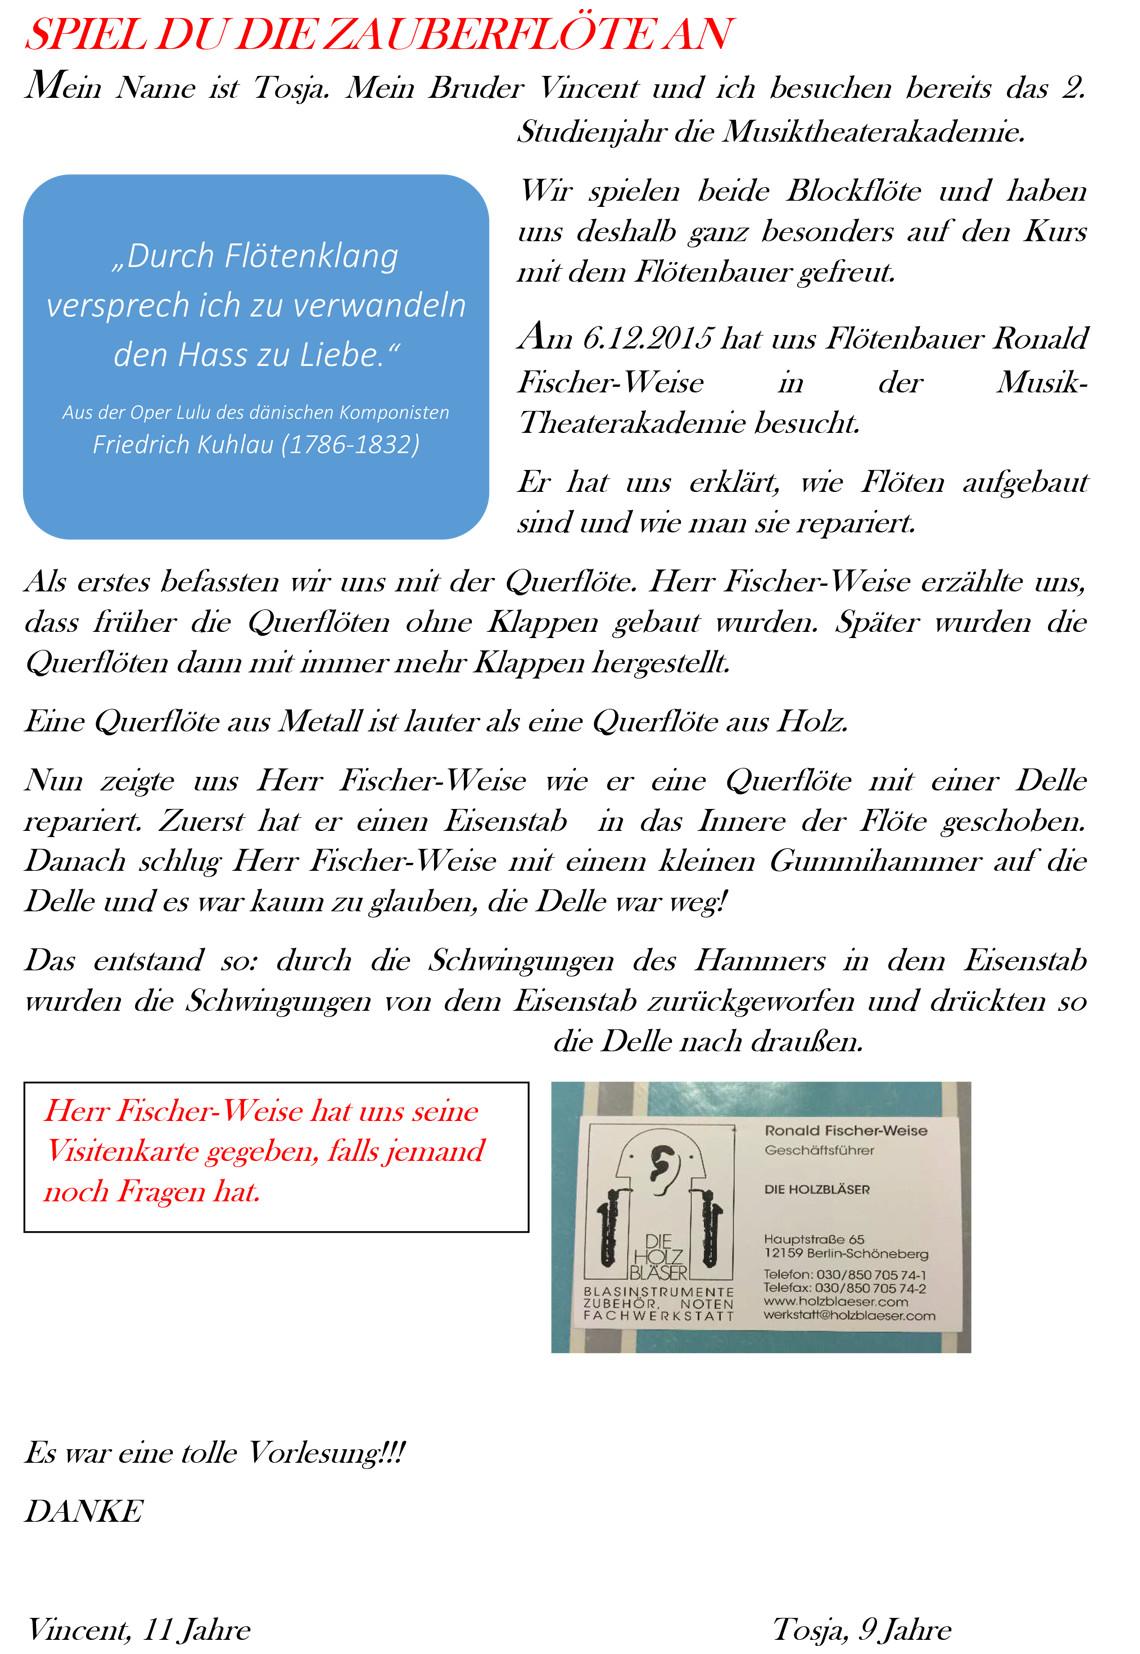 »Spiel du die Zauberflöte an« mit Ronald Fischer-Weise am 6. Dezember 2015